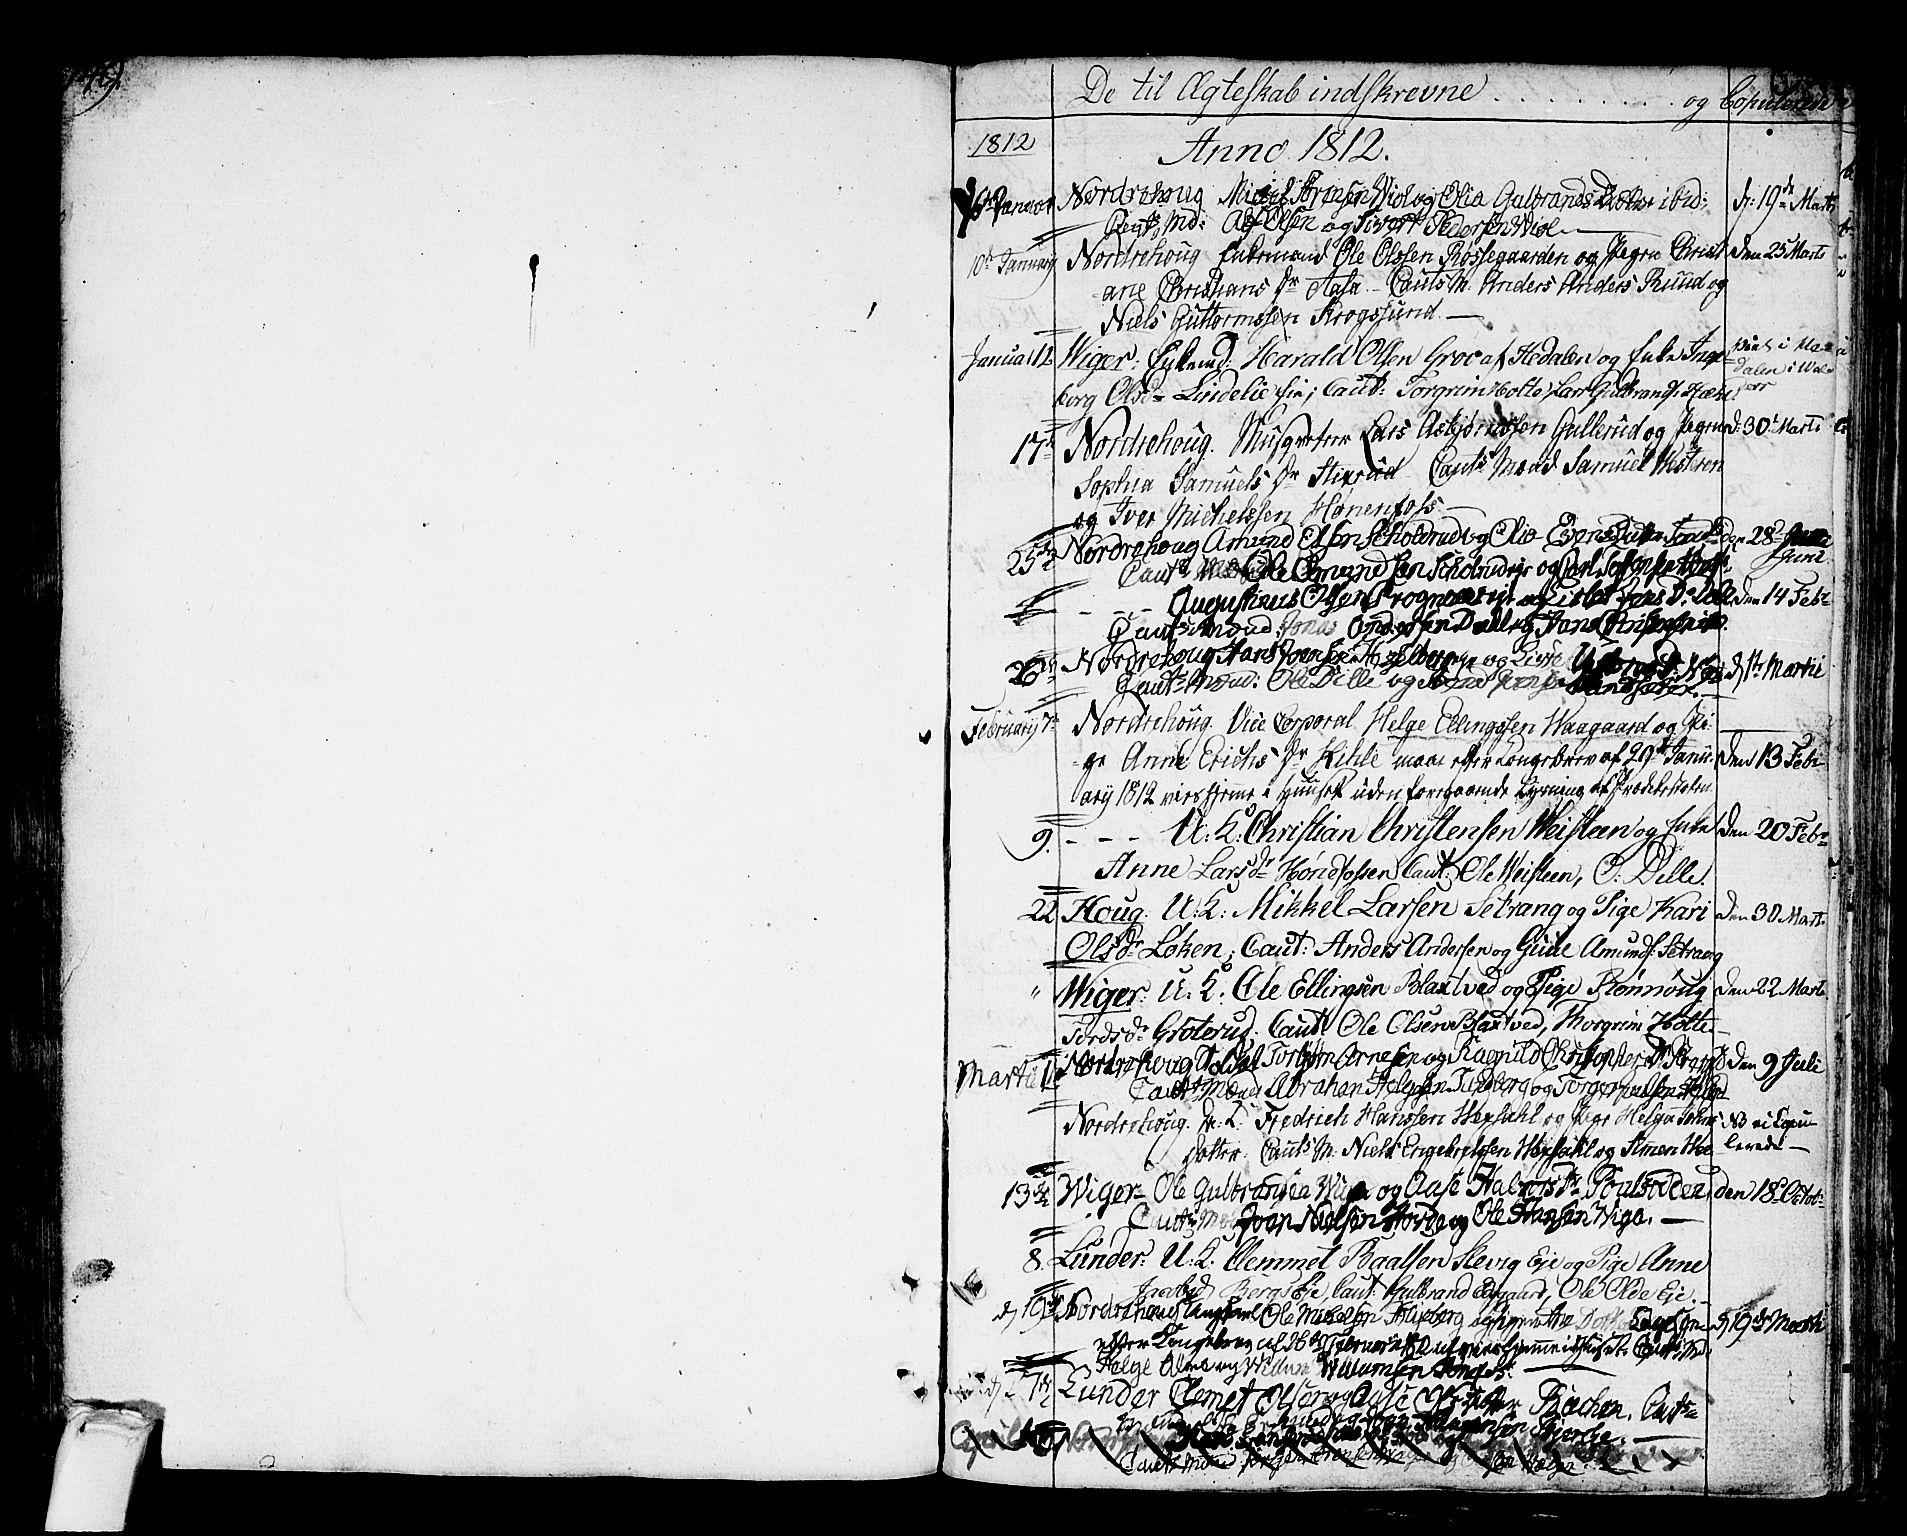 SAKO, Norderhov kirkebøker, F/Fa/L0007: Ministerialbok nr. 7, 1812-1814, s. 149